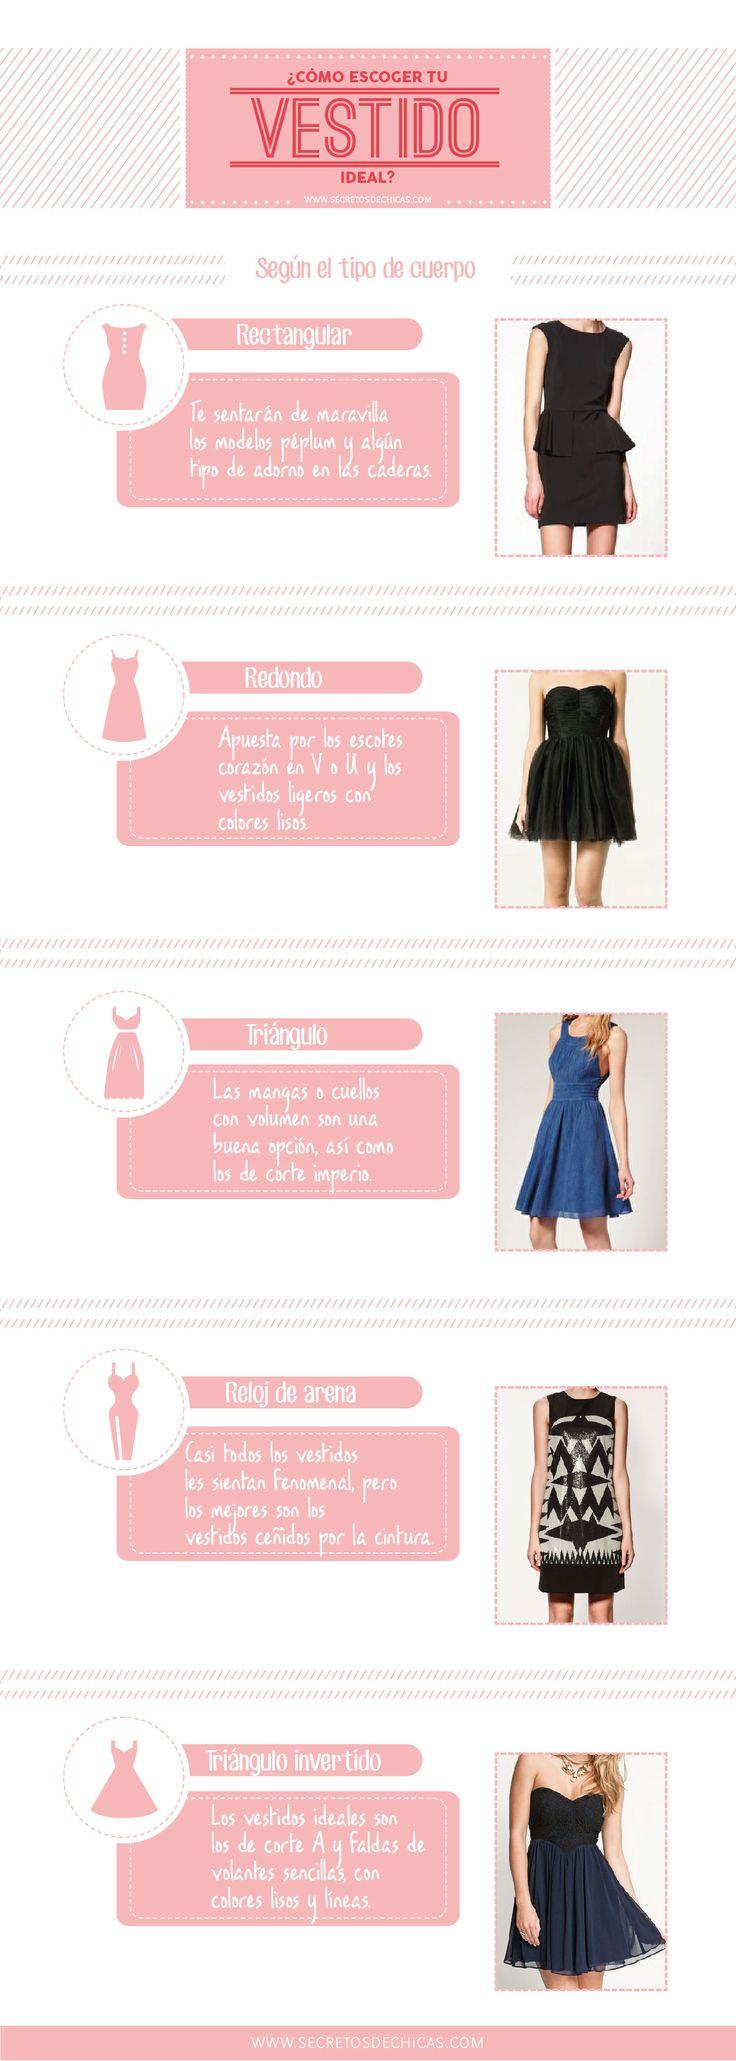 Cómo escoger el vestido ideal